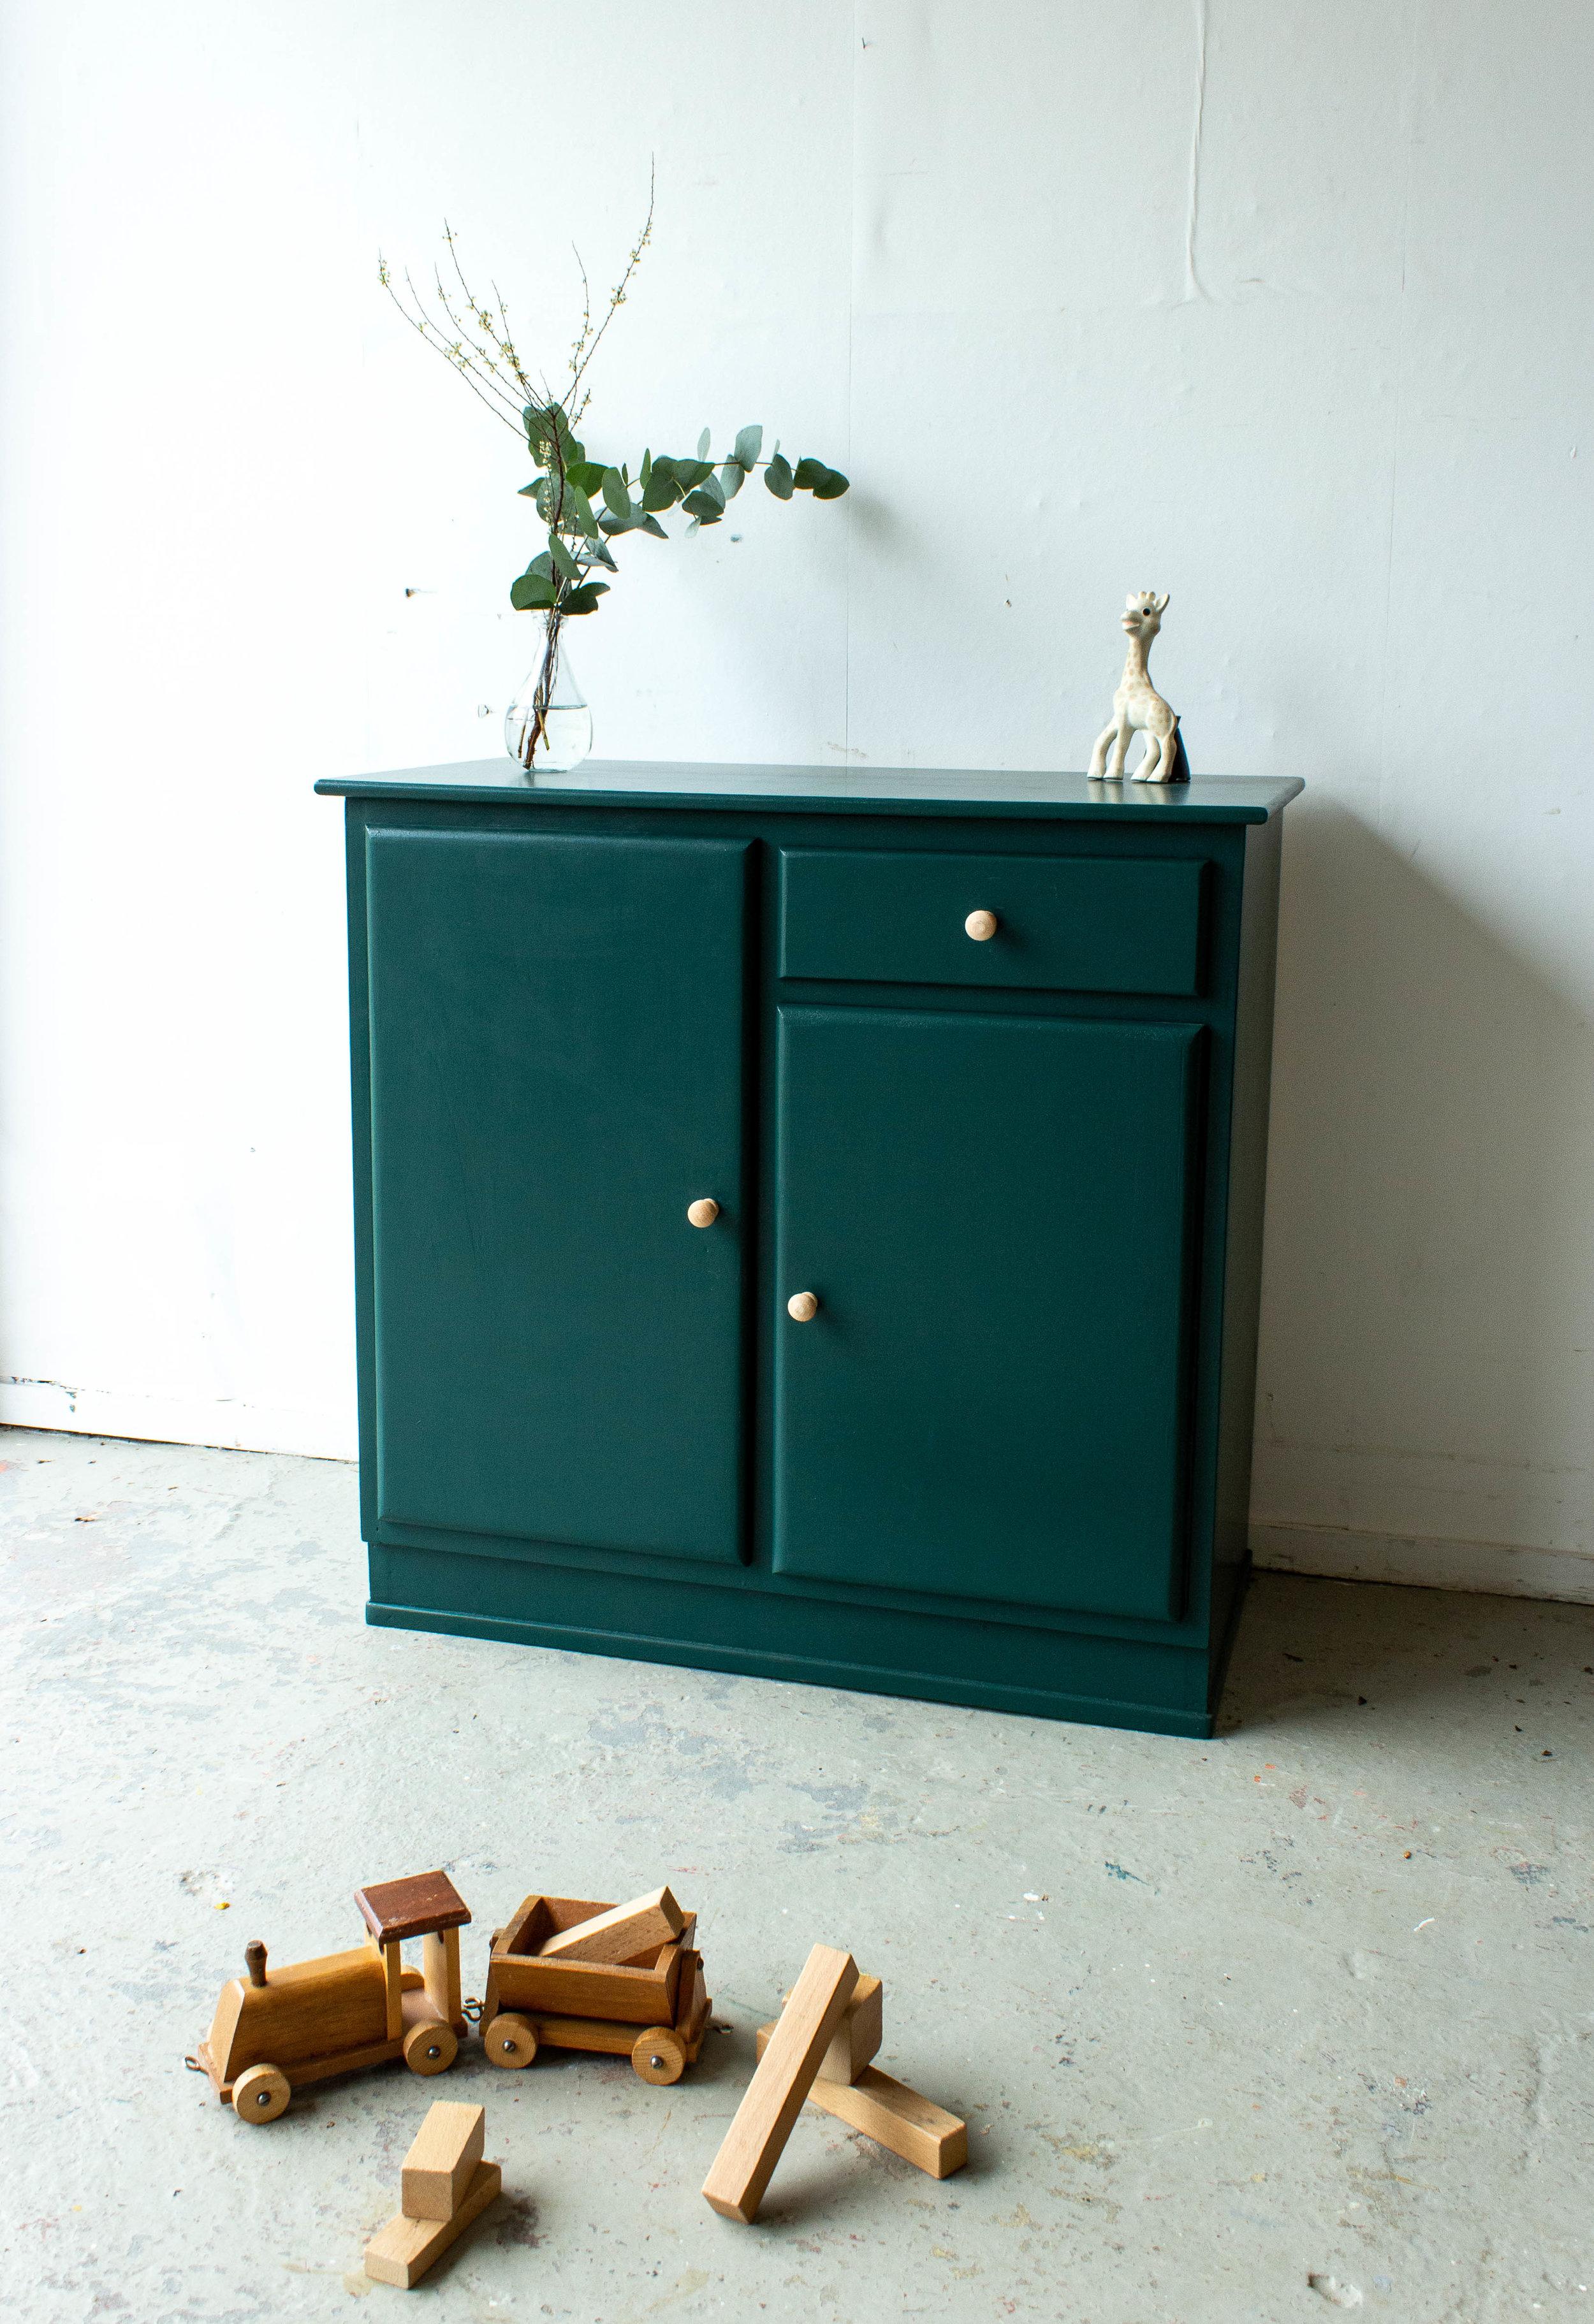 1450 - Groen vintage speelgoedkastje-2.jpg